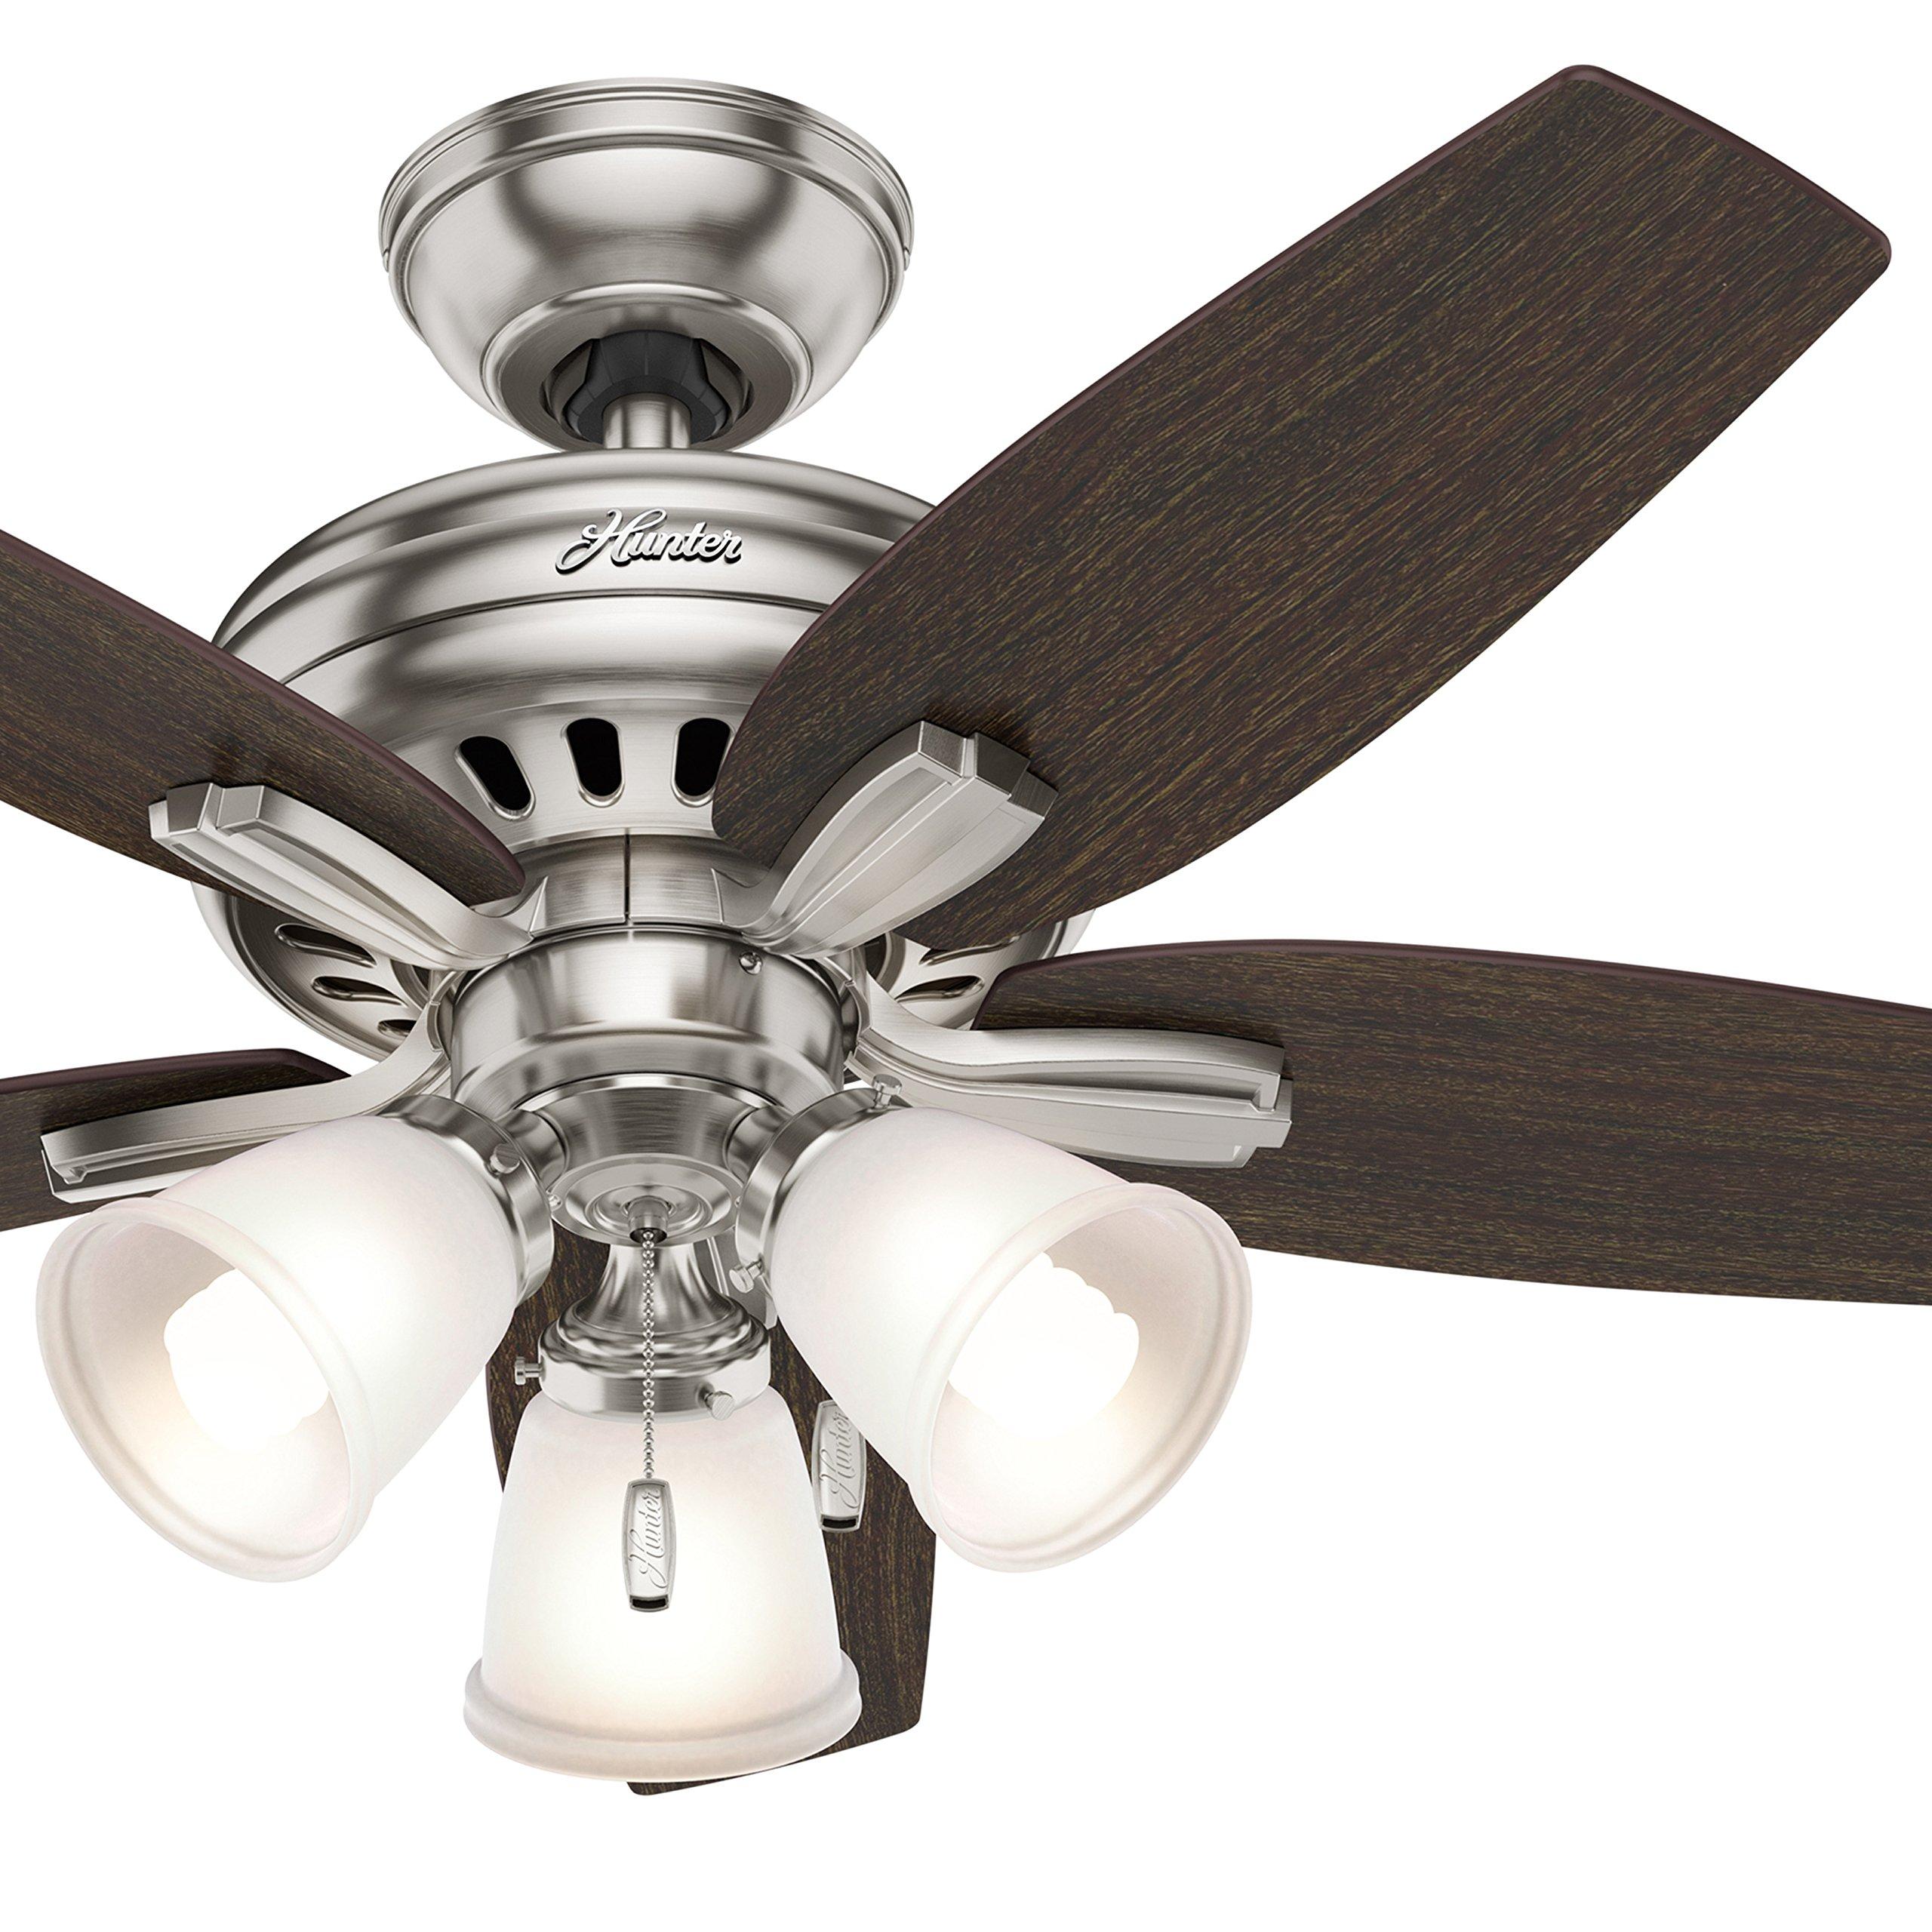 Hunter Fan 42 in. Ceiling Fan with 3 Lights in Brushed Nickel (Certified Refurbished)